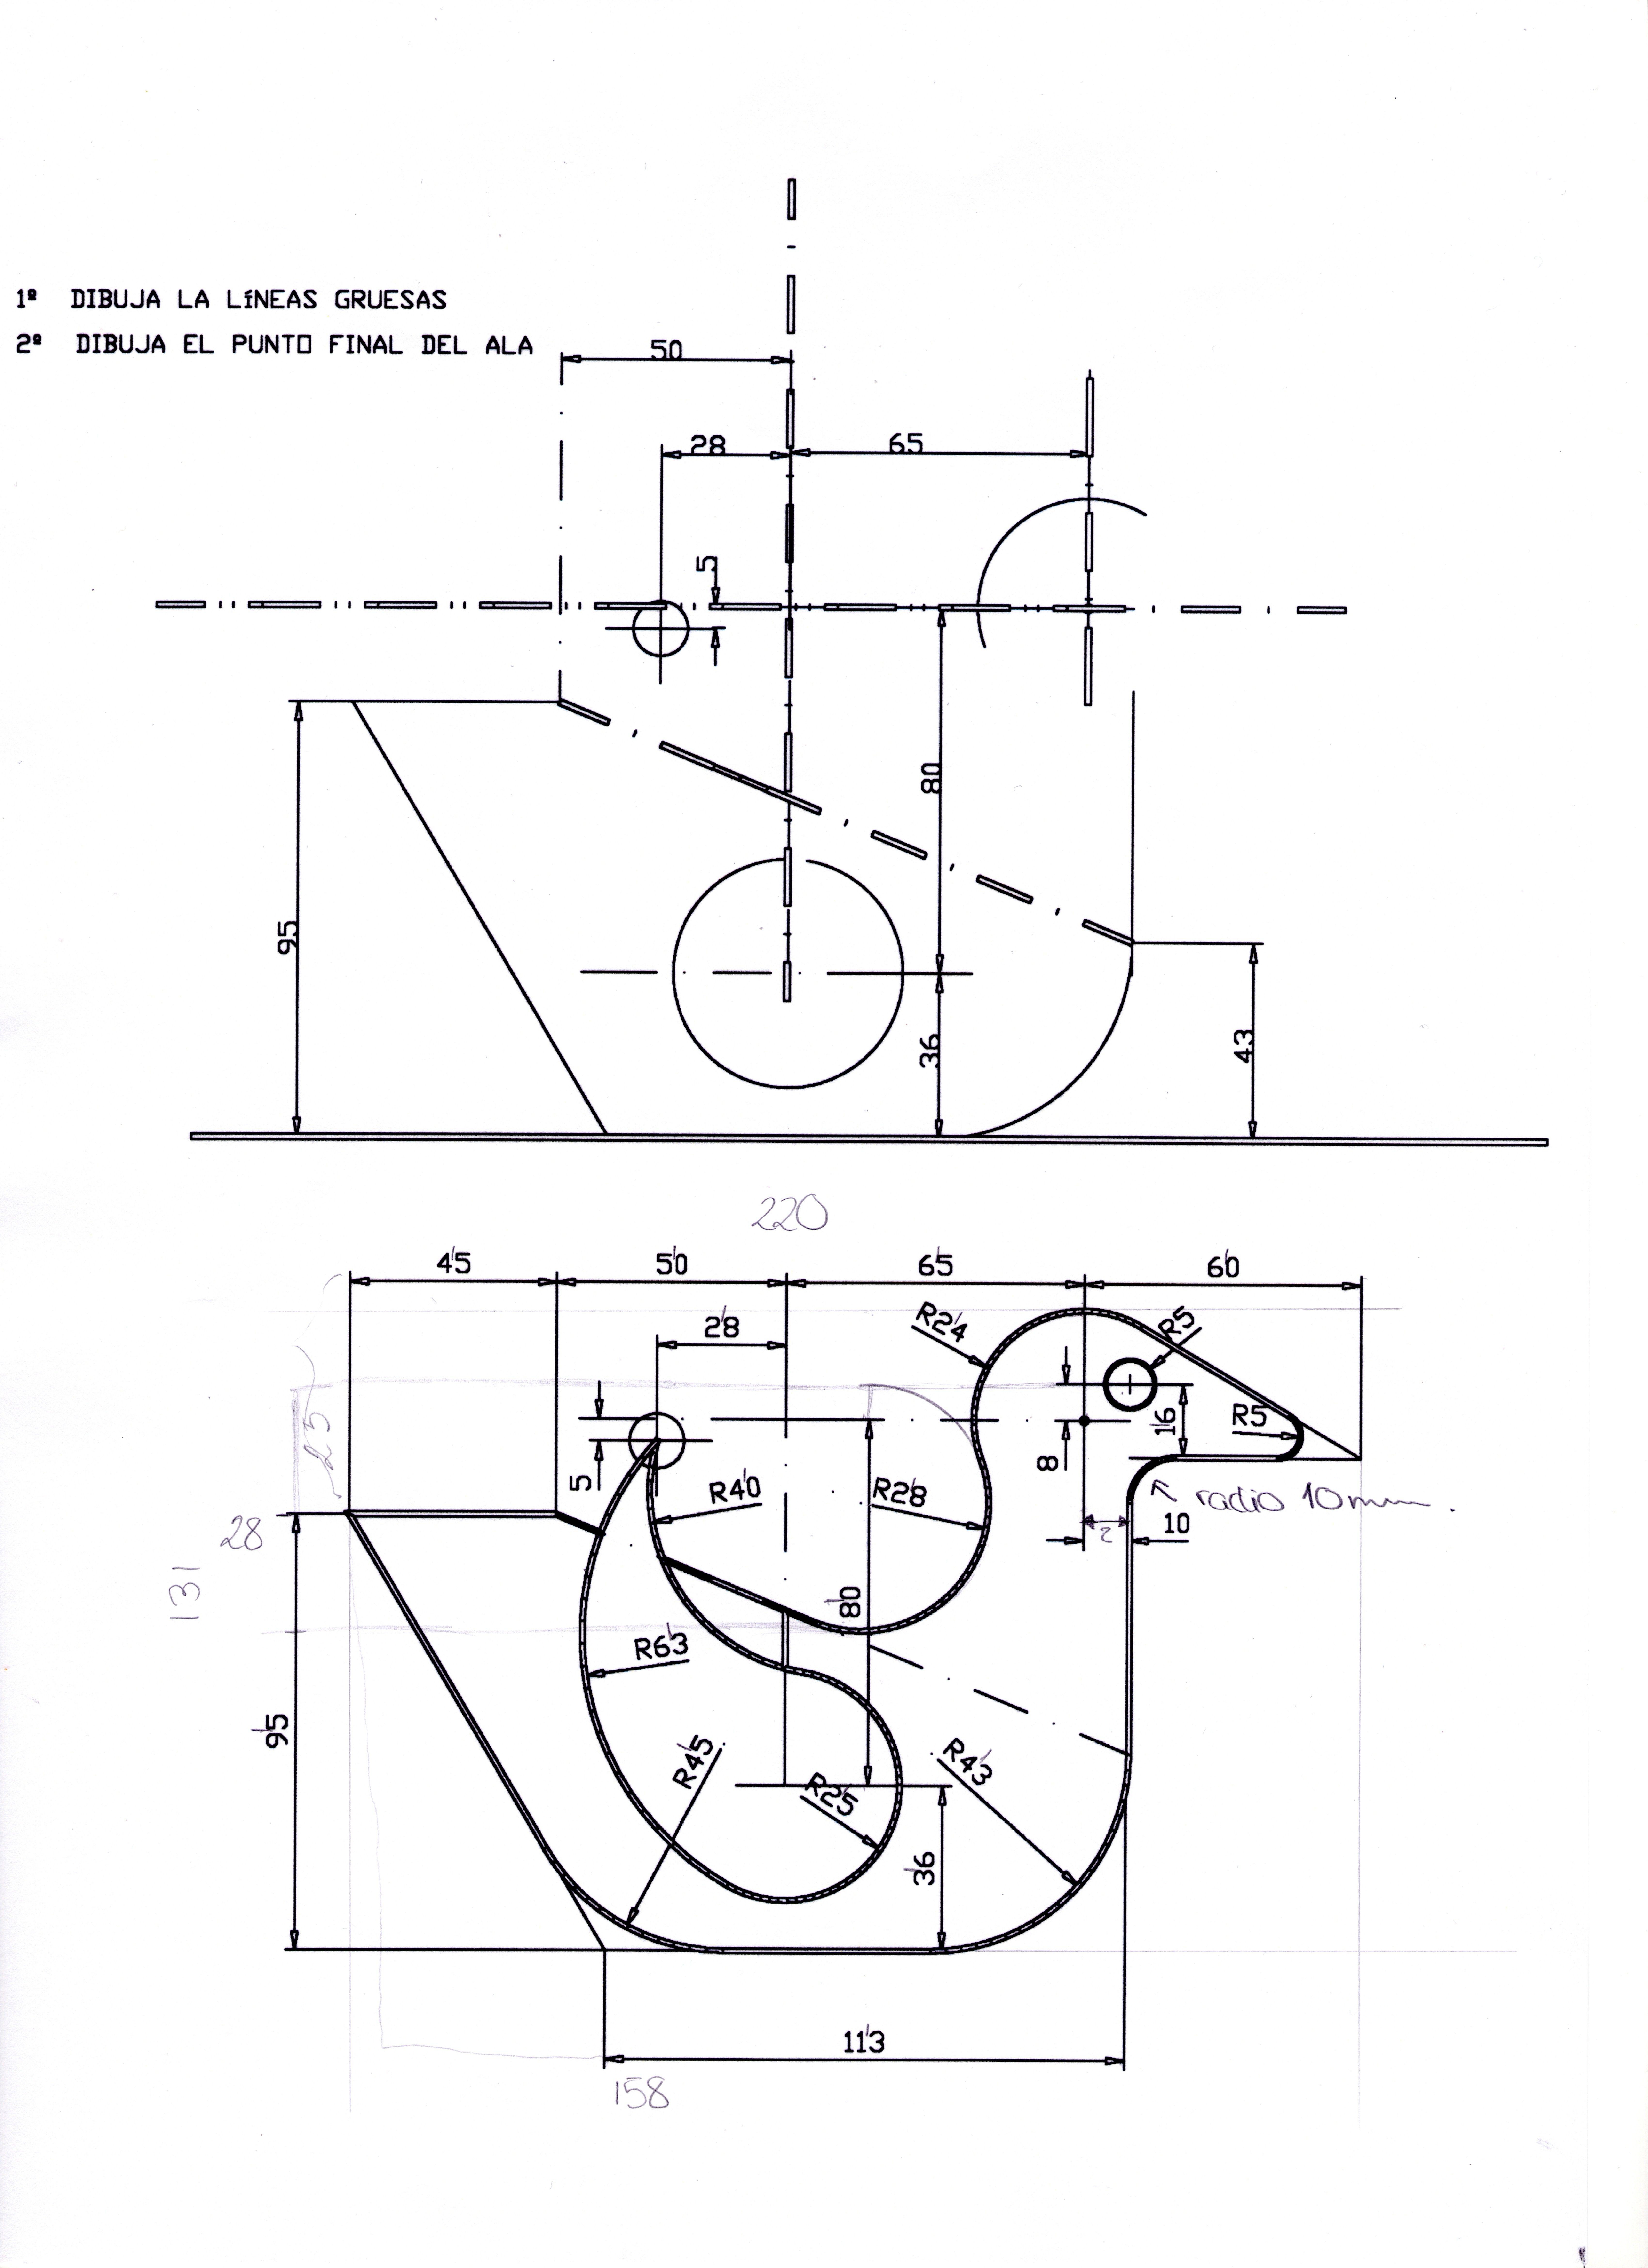 Pato Tangencias Tecnicas De Dibujo Dibujo Geometrico Patos Dibujos